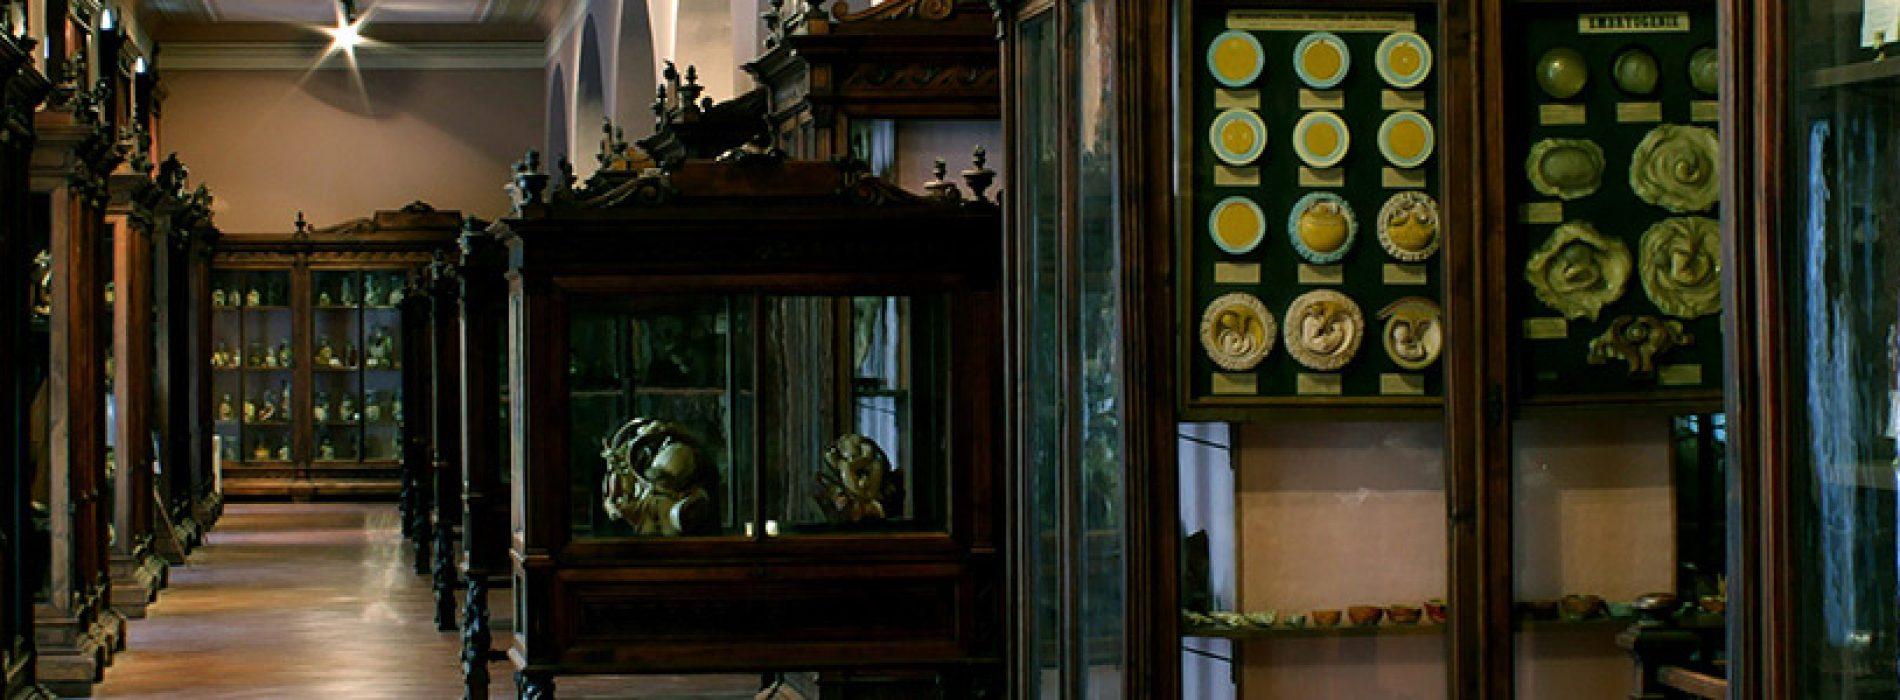 Giornate Europee, apertura straordinaria al Museo Anatomico